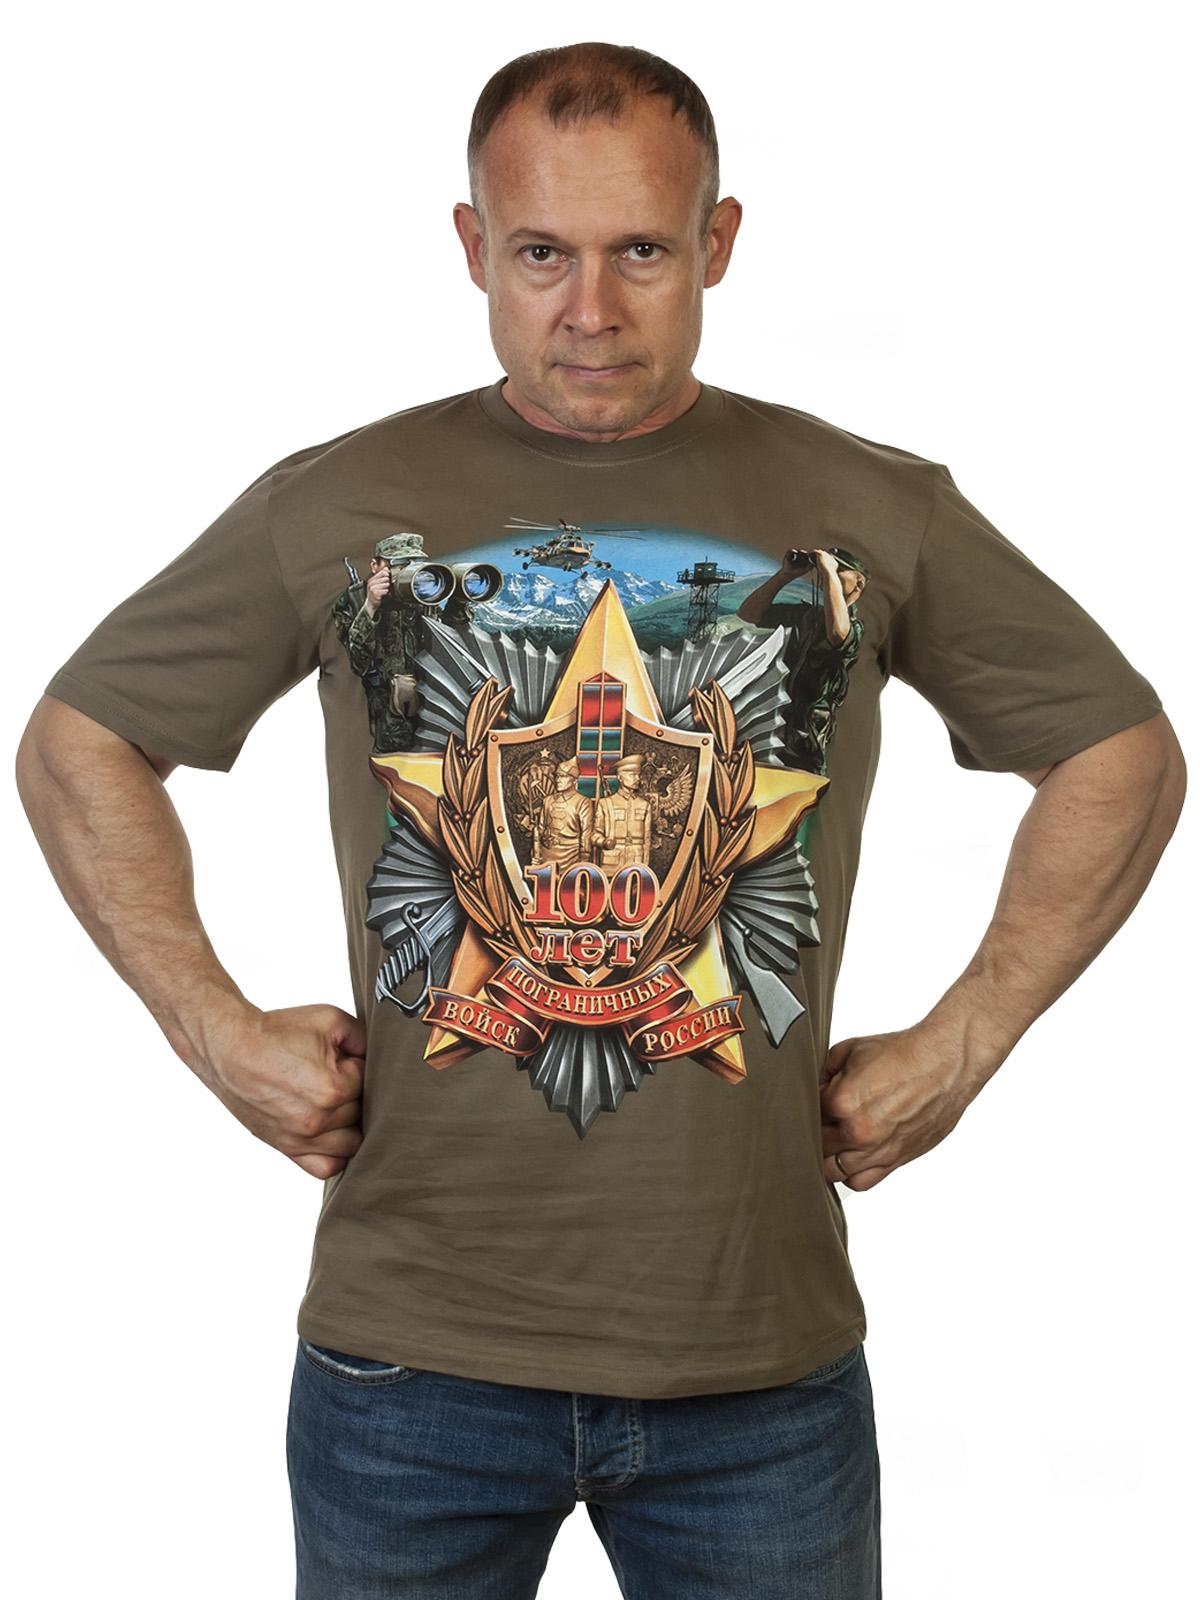 Купить футболку к 100-летию Пограничных войск